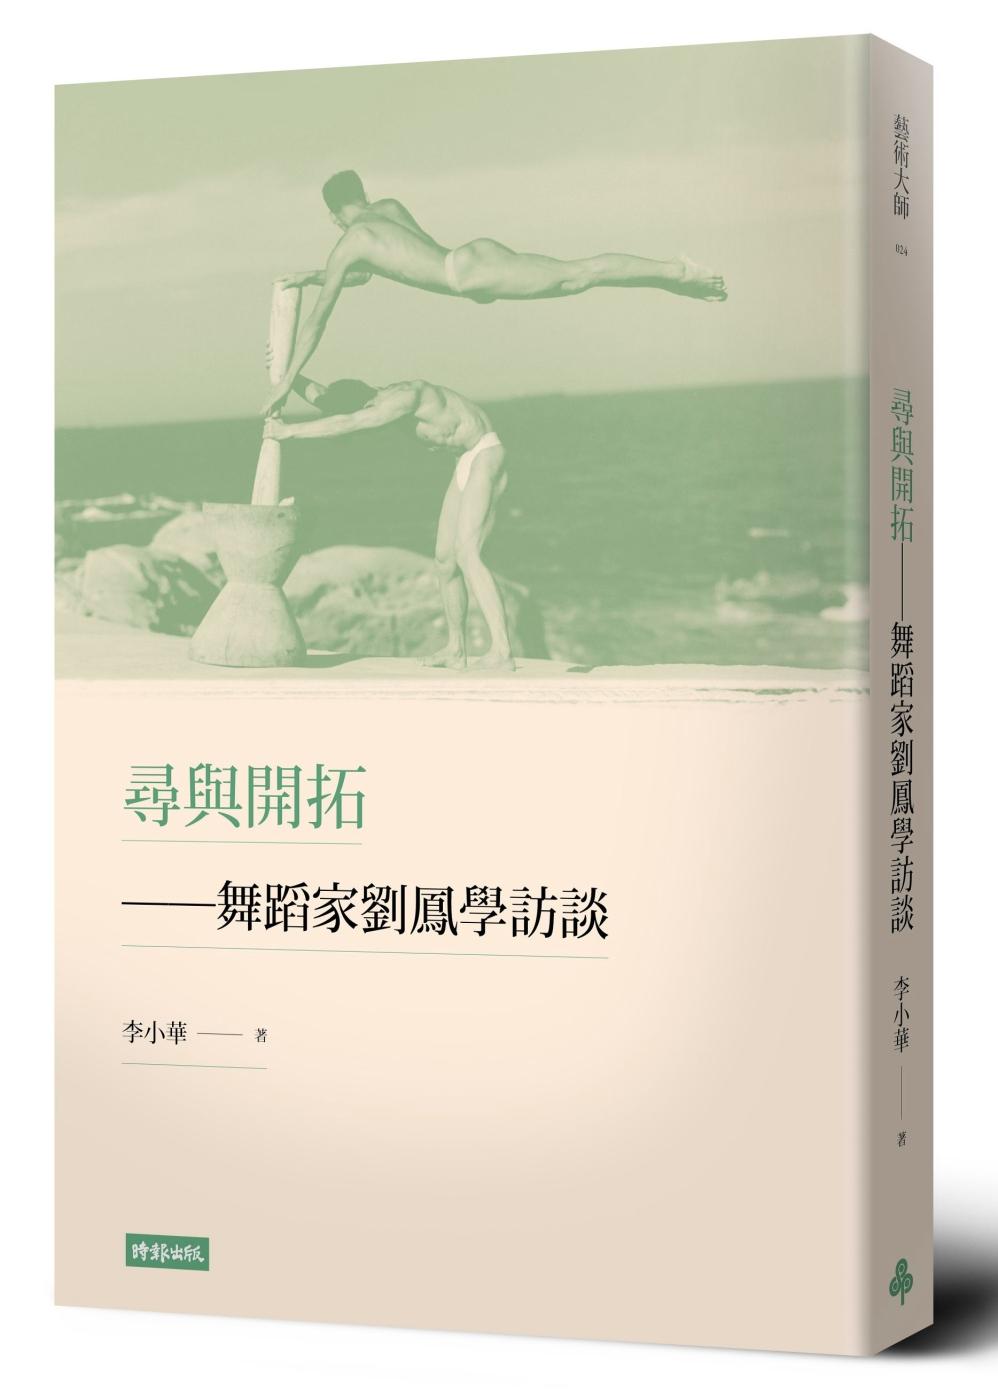 尋與開拓:舞蹈家劉鳳學訪談